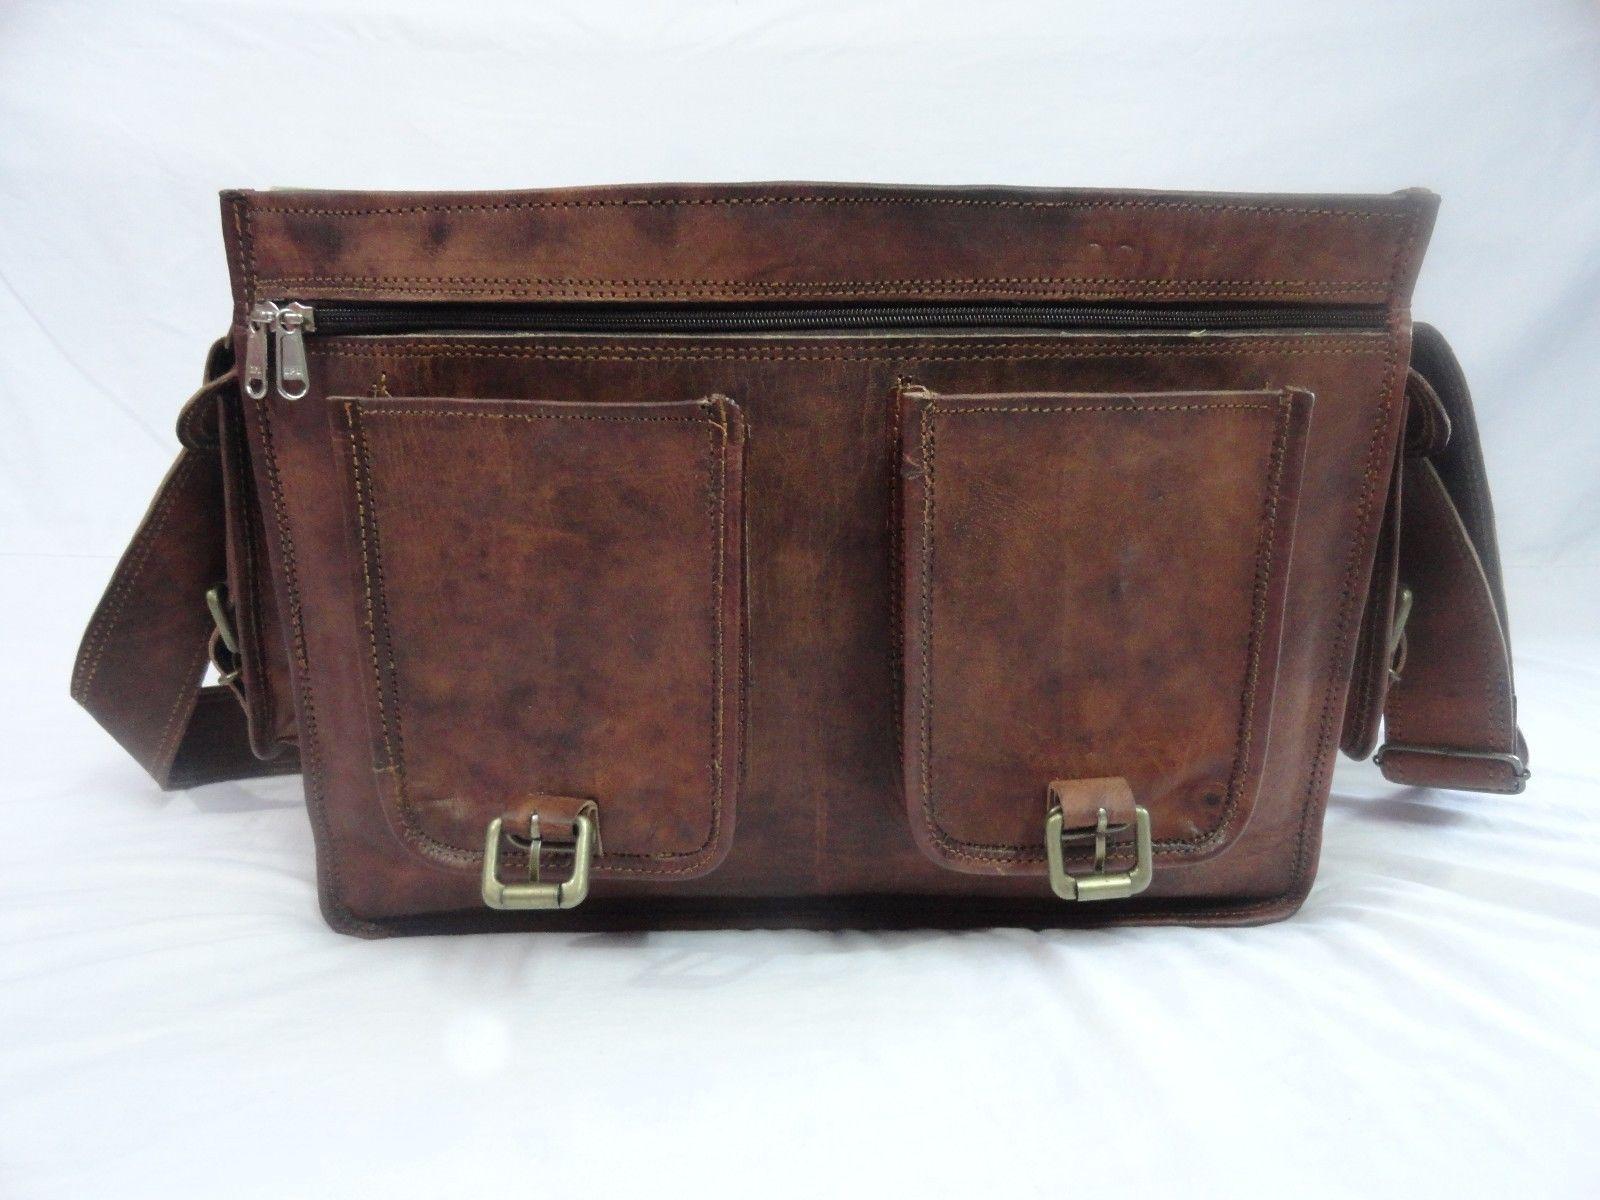 16x12' Men's Vintage Leather DSLR Camera Bag Padded Briefcase Macbook Satchel image 9